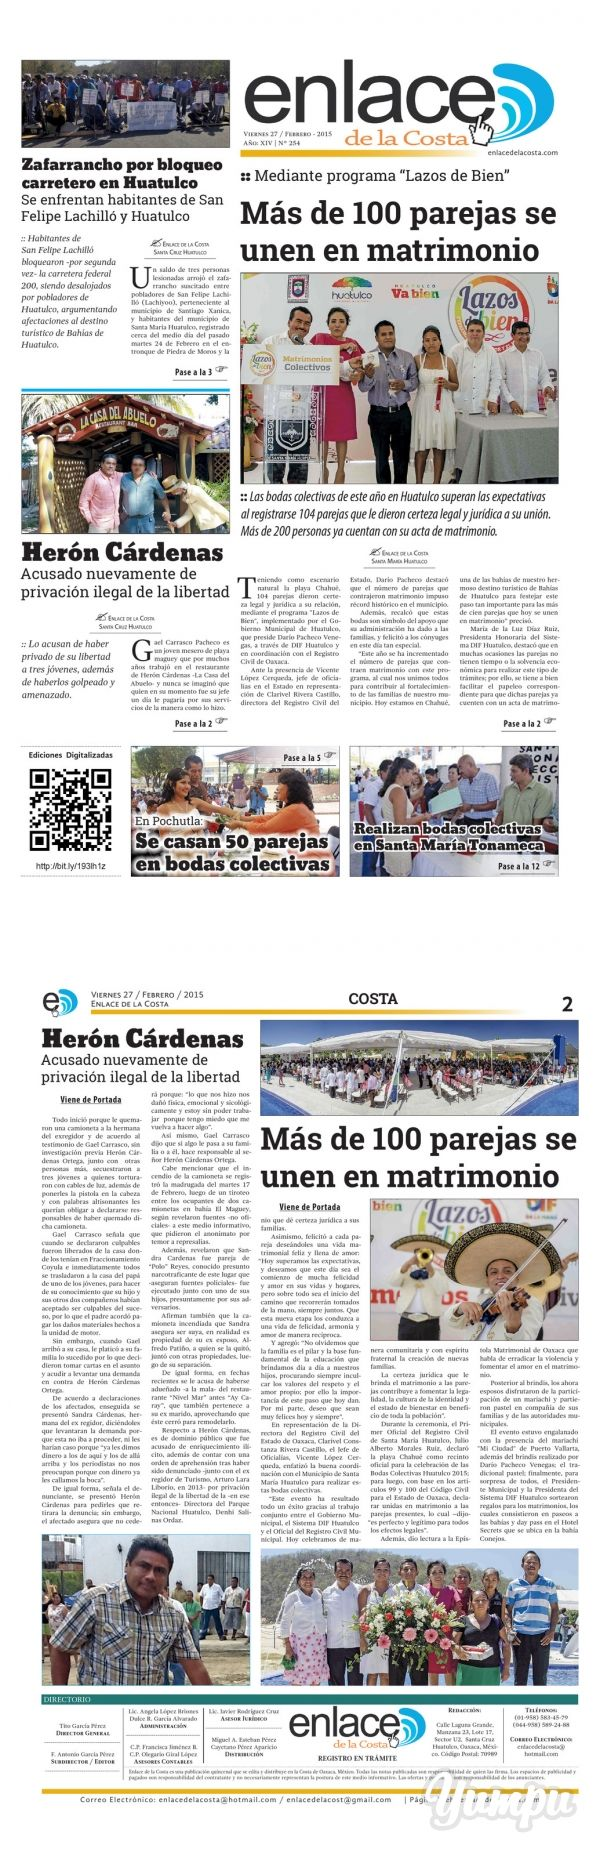 Edición 254; Enlace de la Costa - Magazine with 12 pages: Edición número 254 del periódico Enlace de la Costa, editado y distribuido en la Costa de Oaxaca, con información de la región y sus municipios.